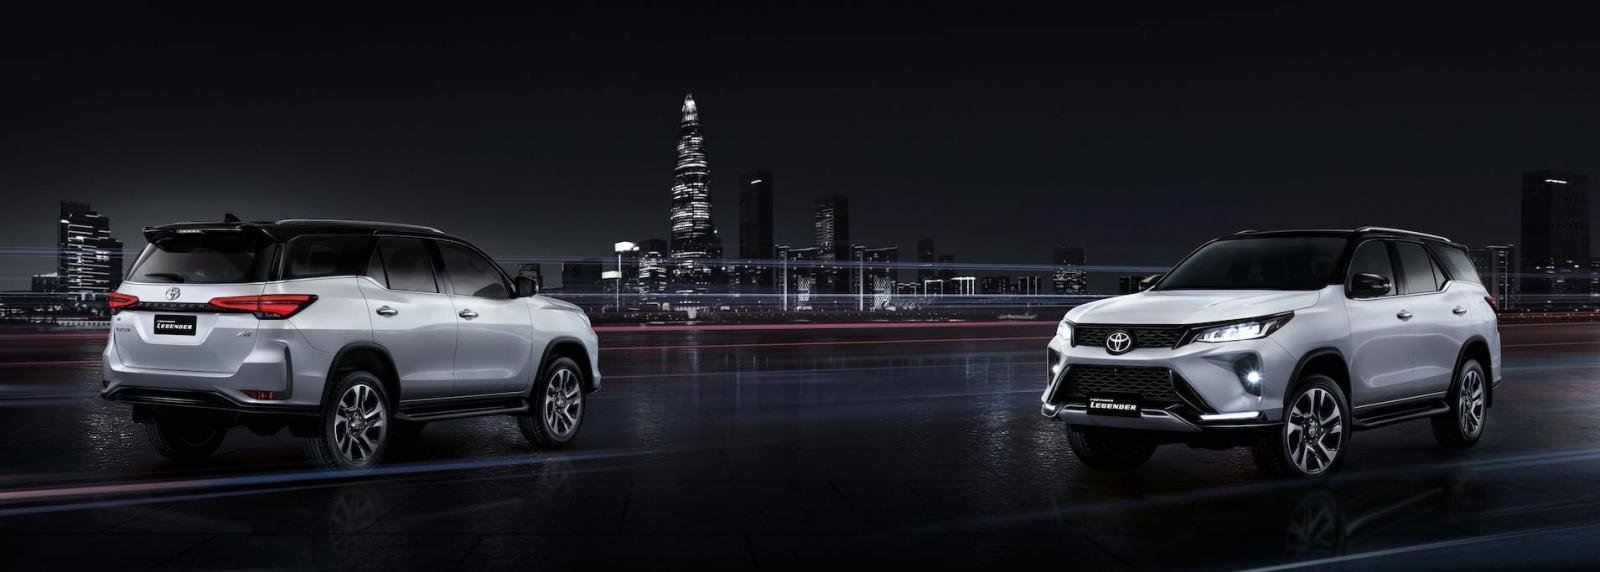 Ảnh chi tiết Toyota Fortuner Legender 2021 hoàn toàn mới vừa mở bán tại Thái Lan a24